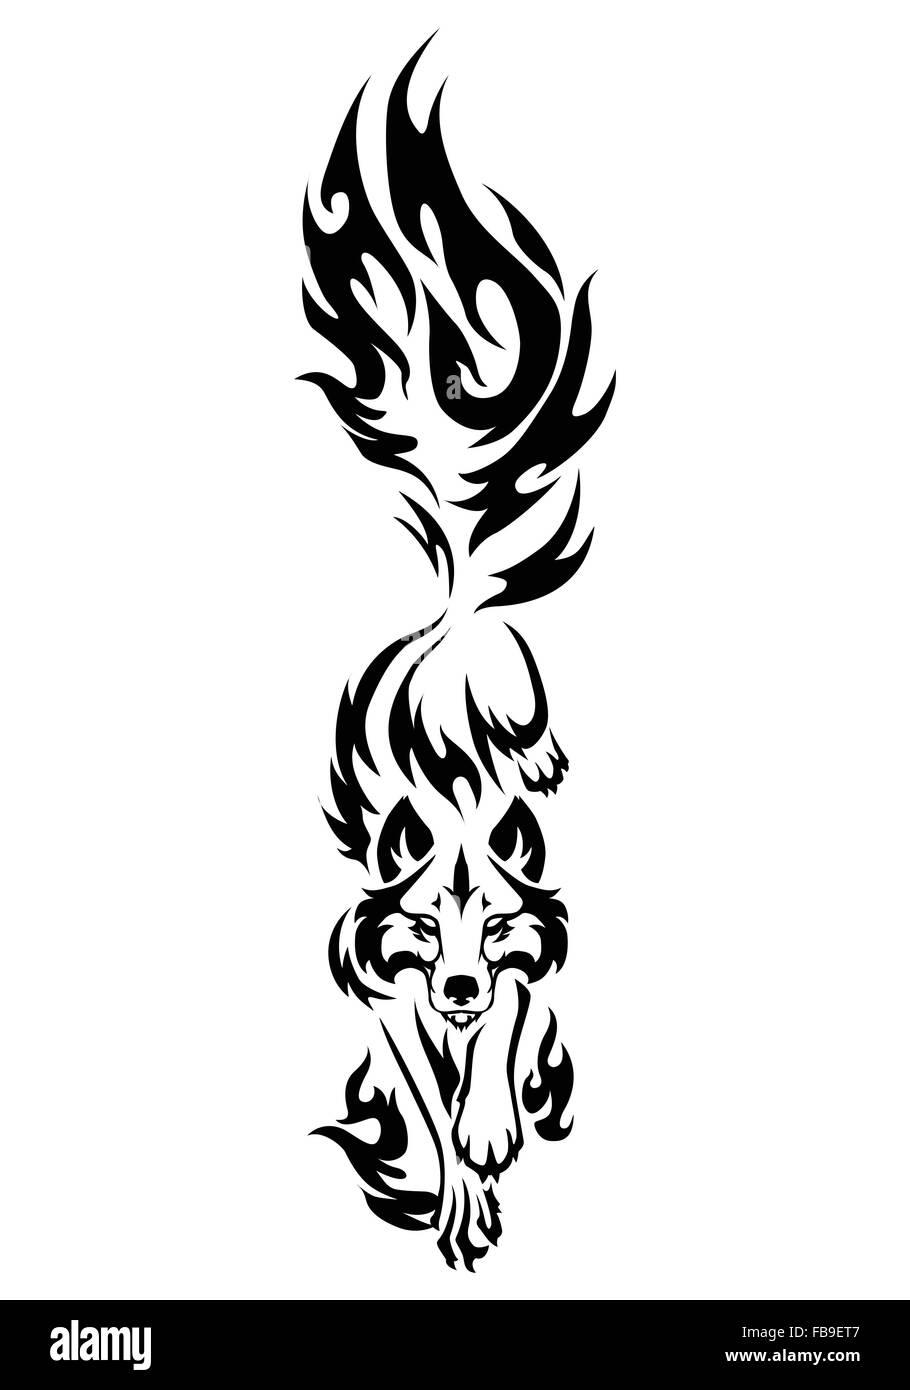 Ilustración De Wolf Aislados De Tatuaje En Blanco Y Negro Sobre